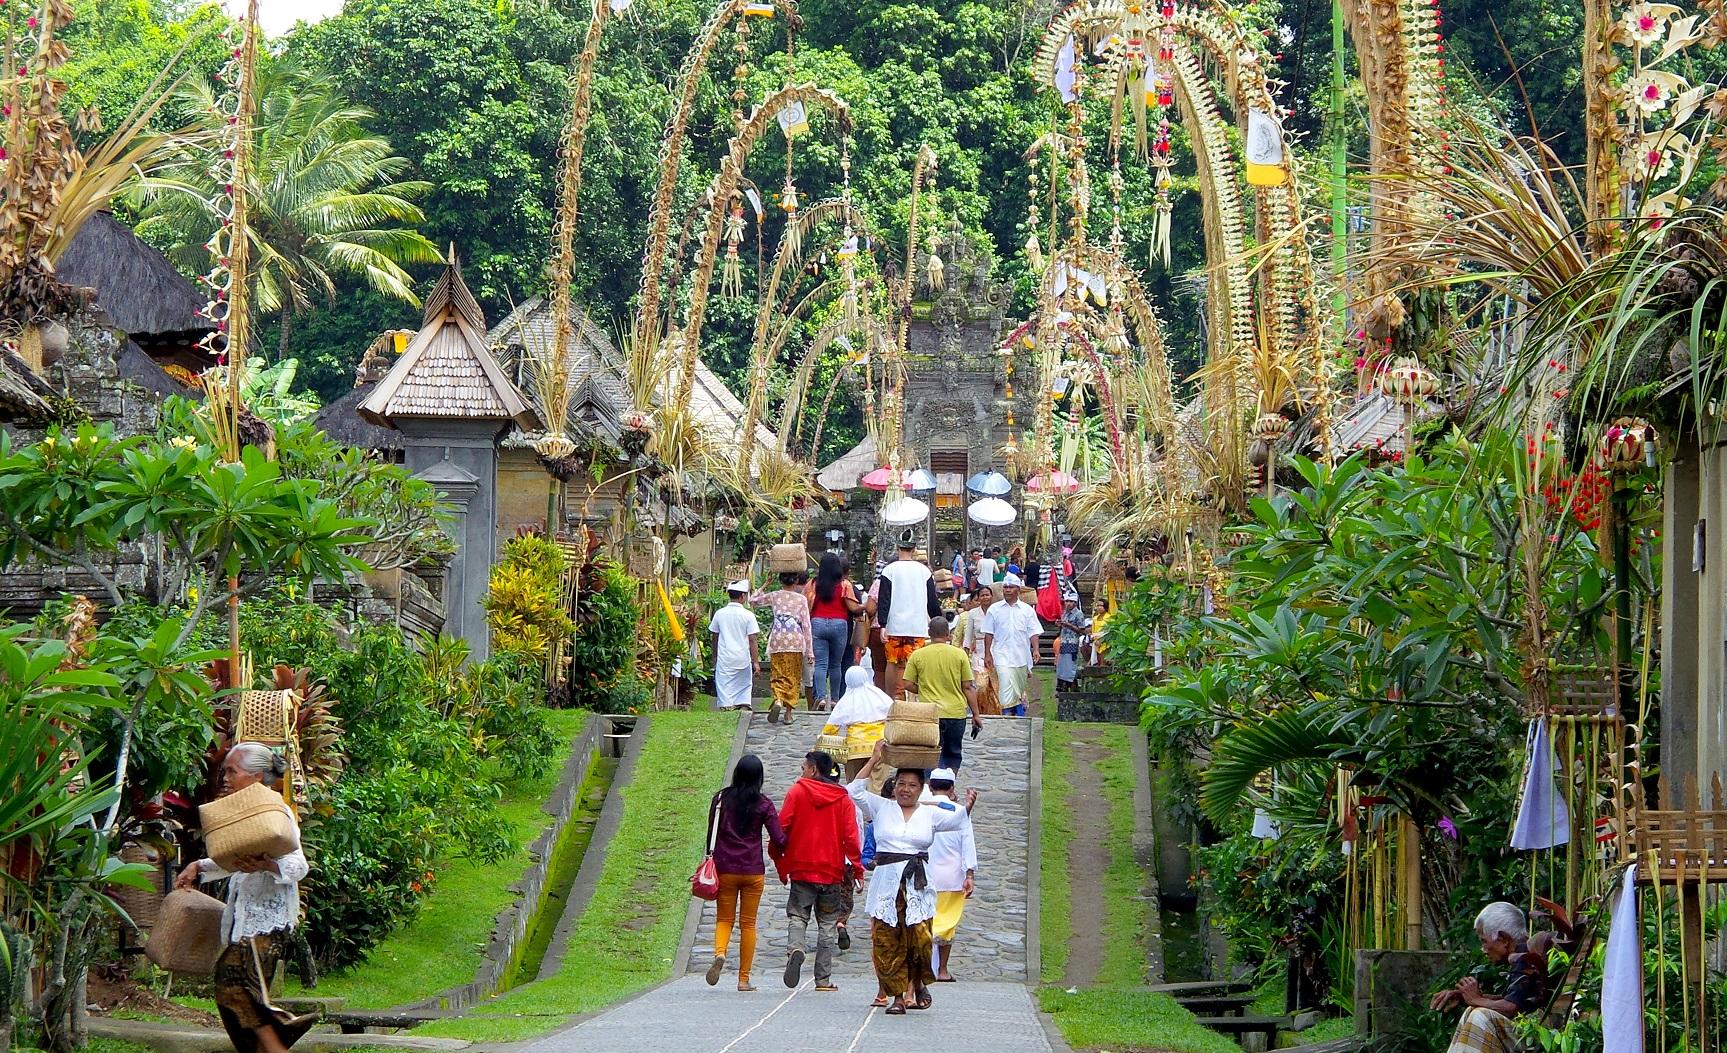 balinese kuningan celebration